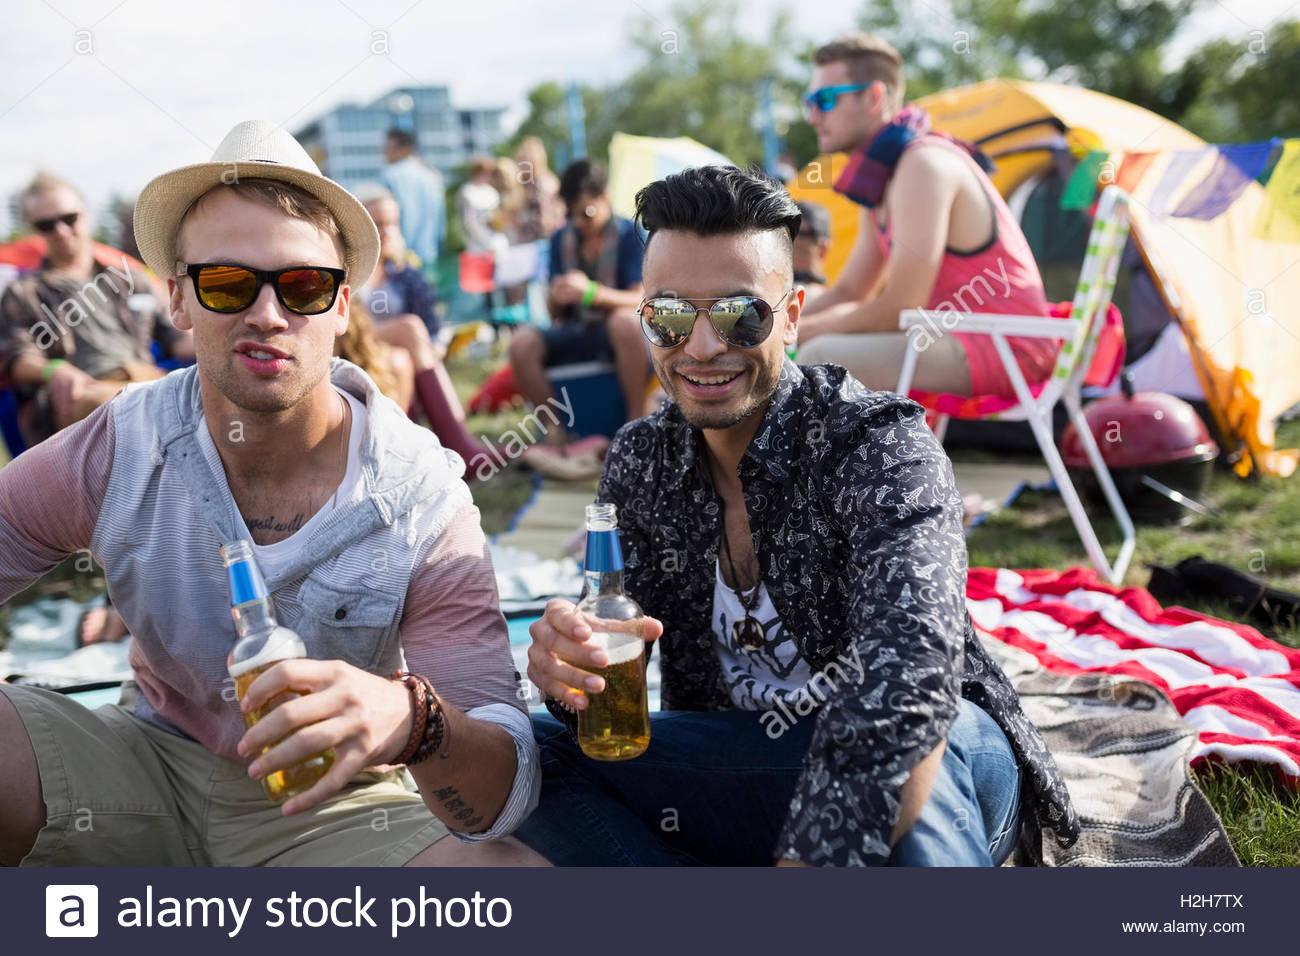 Ritratto di giovani uomini a bere birra al festival musicale estivo Campeggio Immagini Stock